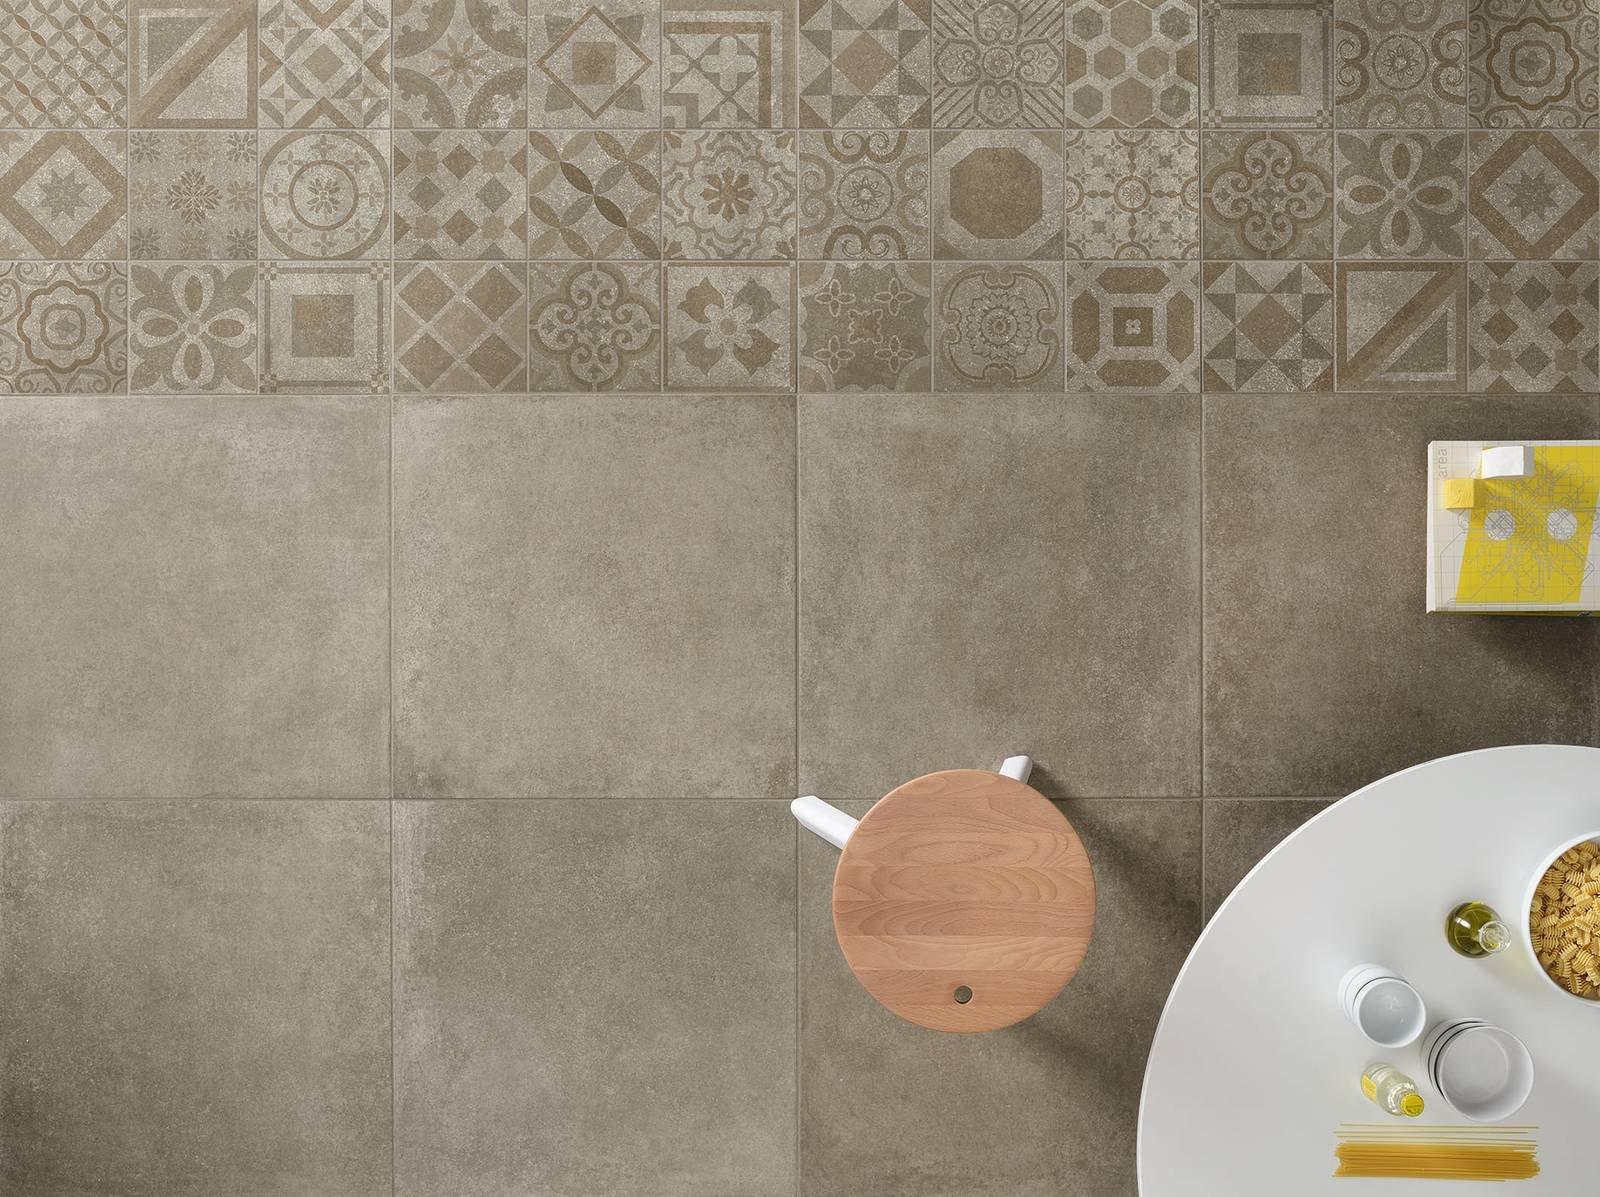 Come abbinare pavimento e rivestimento 5 soluzioni da copiare cose di casa - Come abbinare cucina e pavimento ...